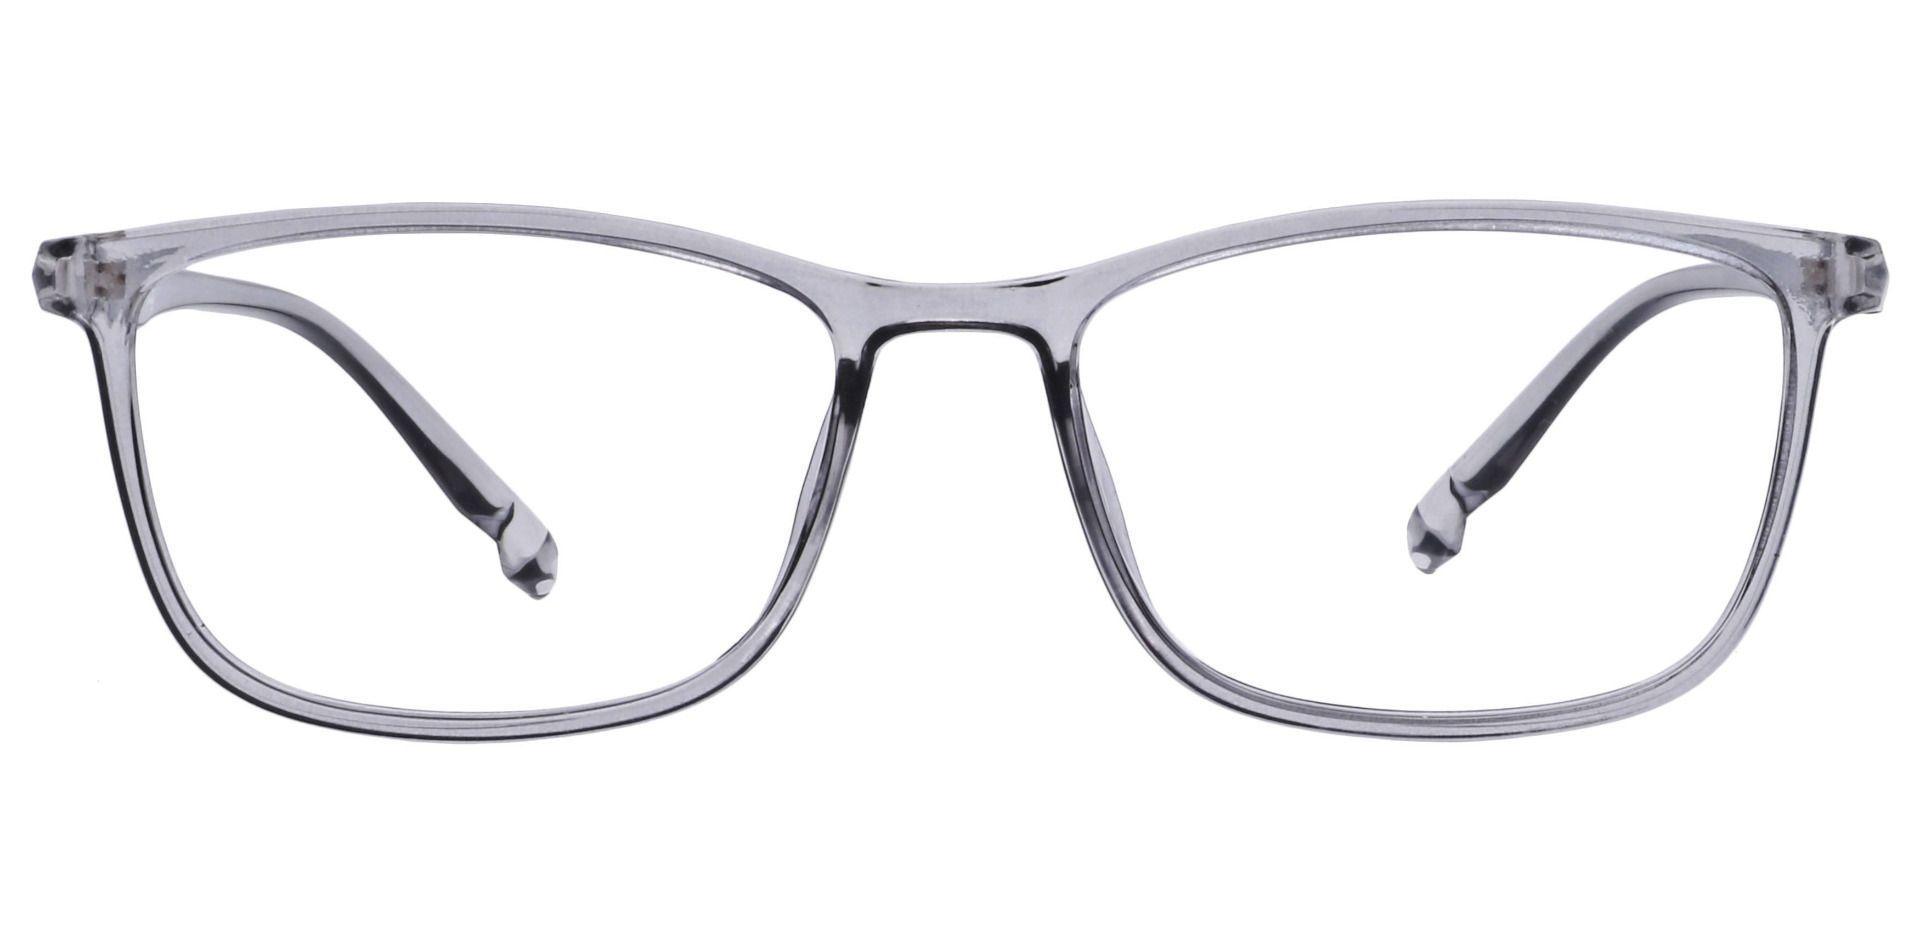 Harvest Rectangle Reading Glasses - Gray